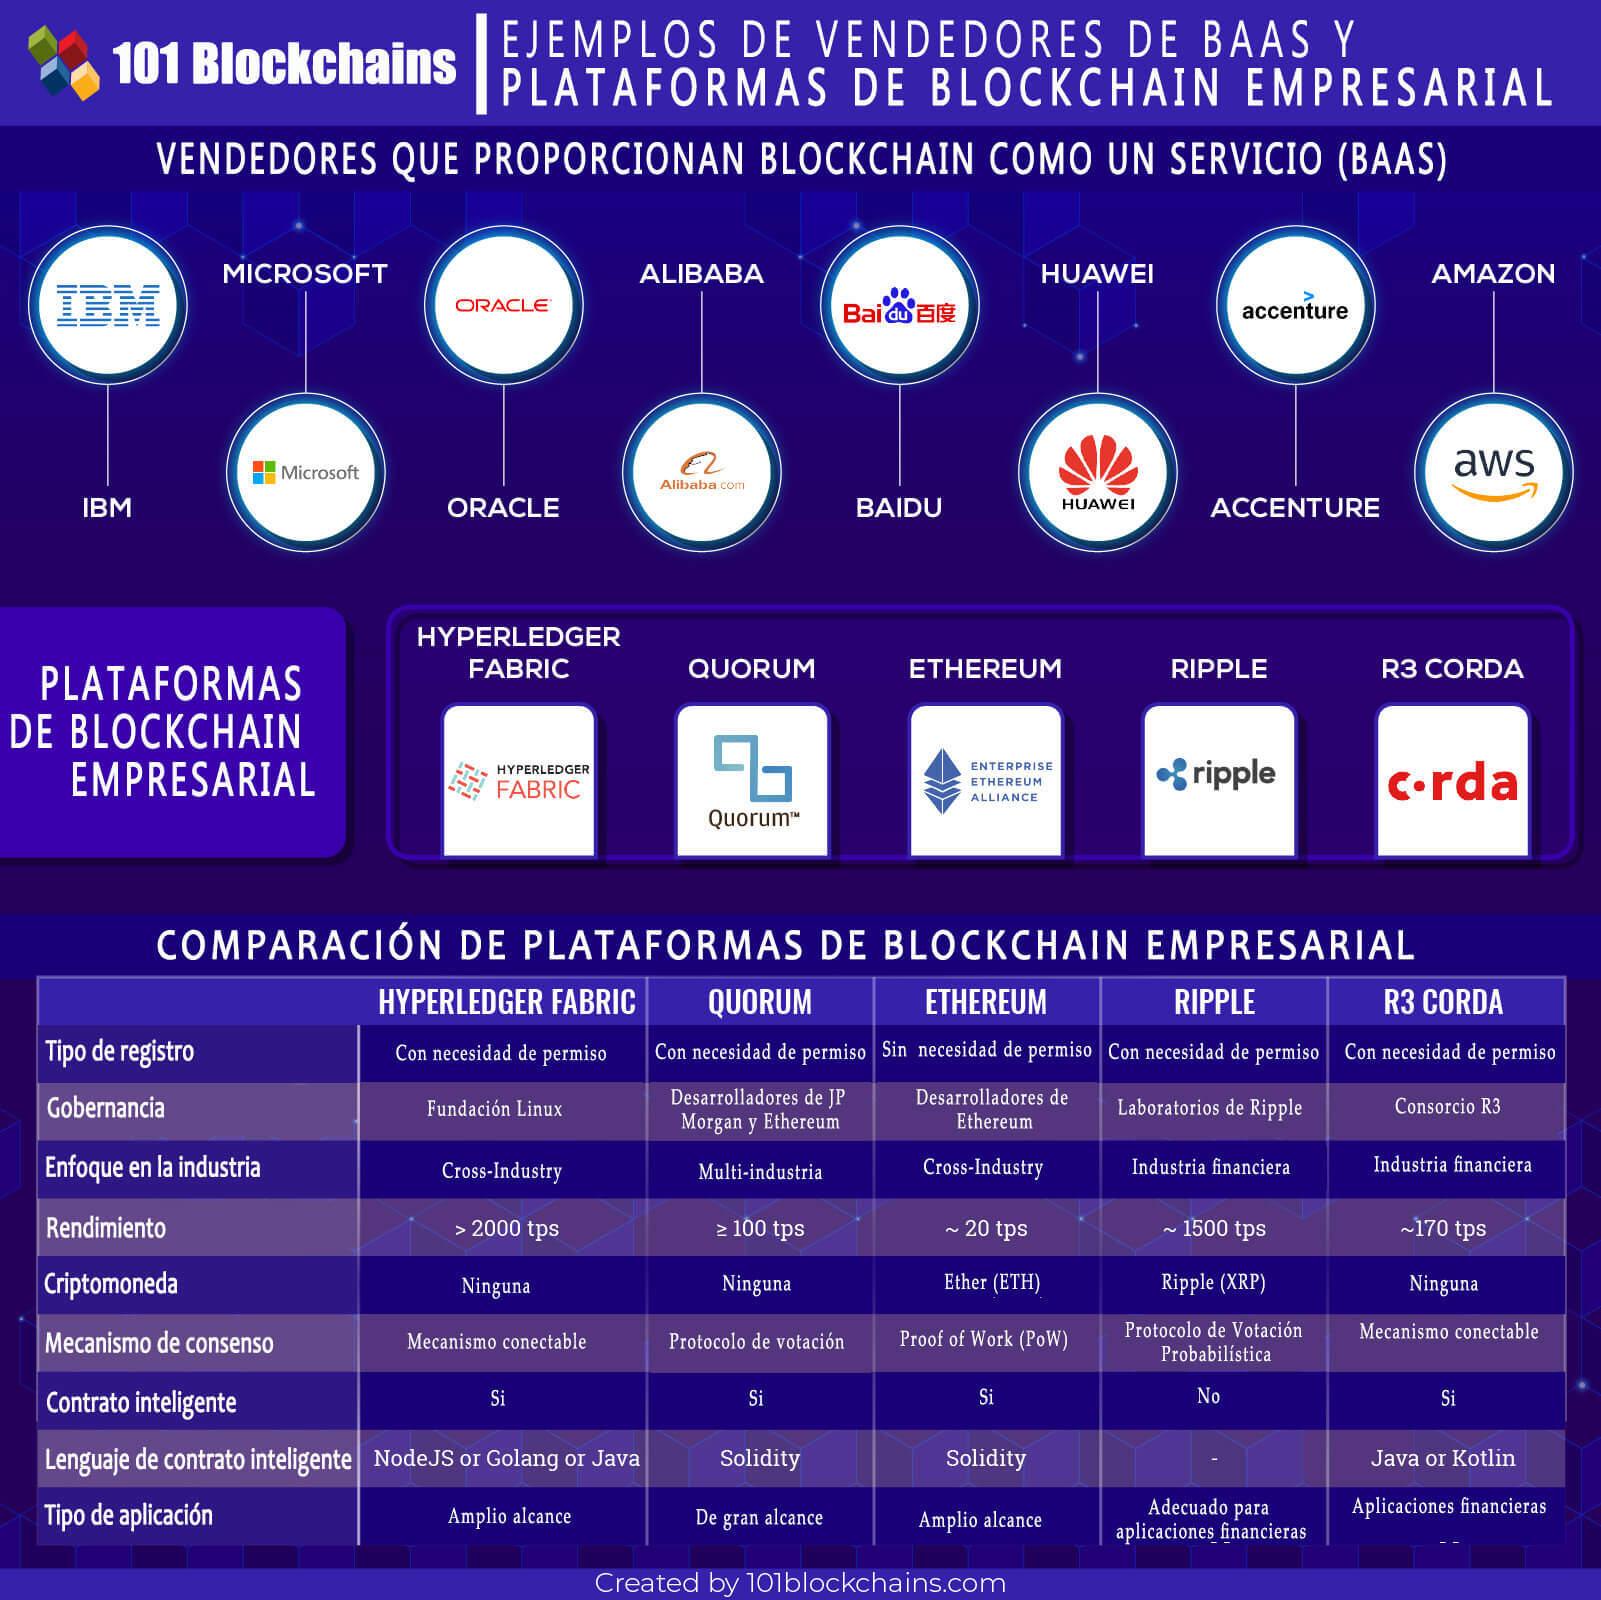 EJEMPLOS DE VENDEDORES DE BAAS Y PLATAFORMAS DE BLOCKCHAIN EMPRESARIAL